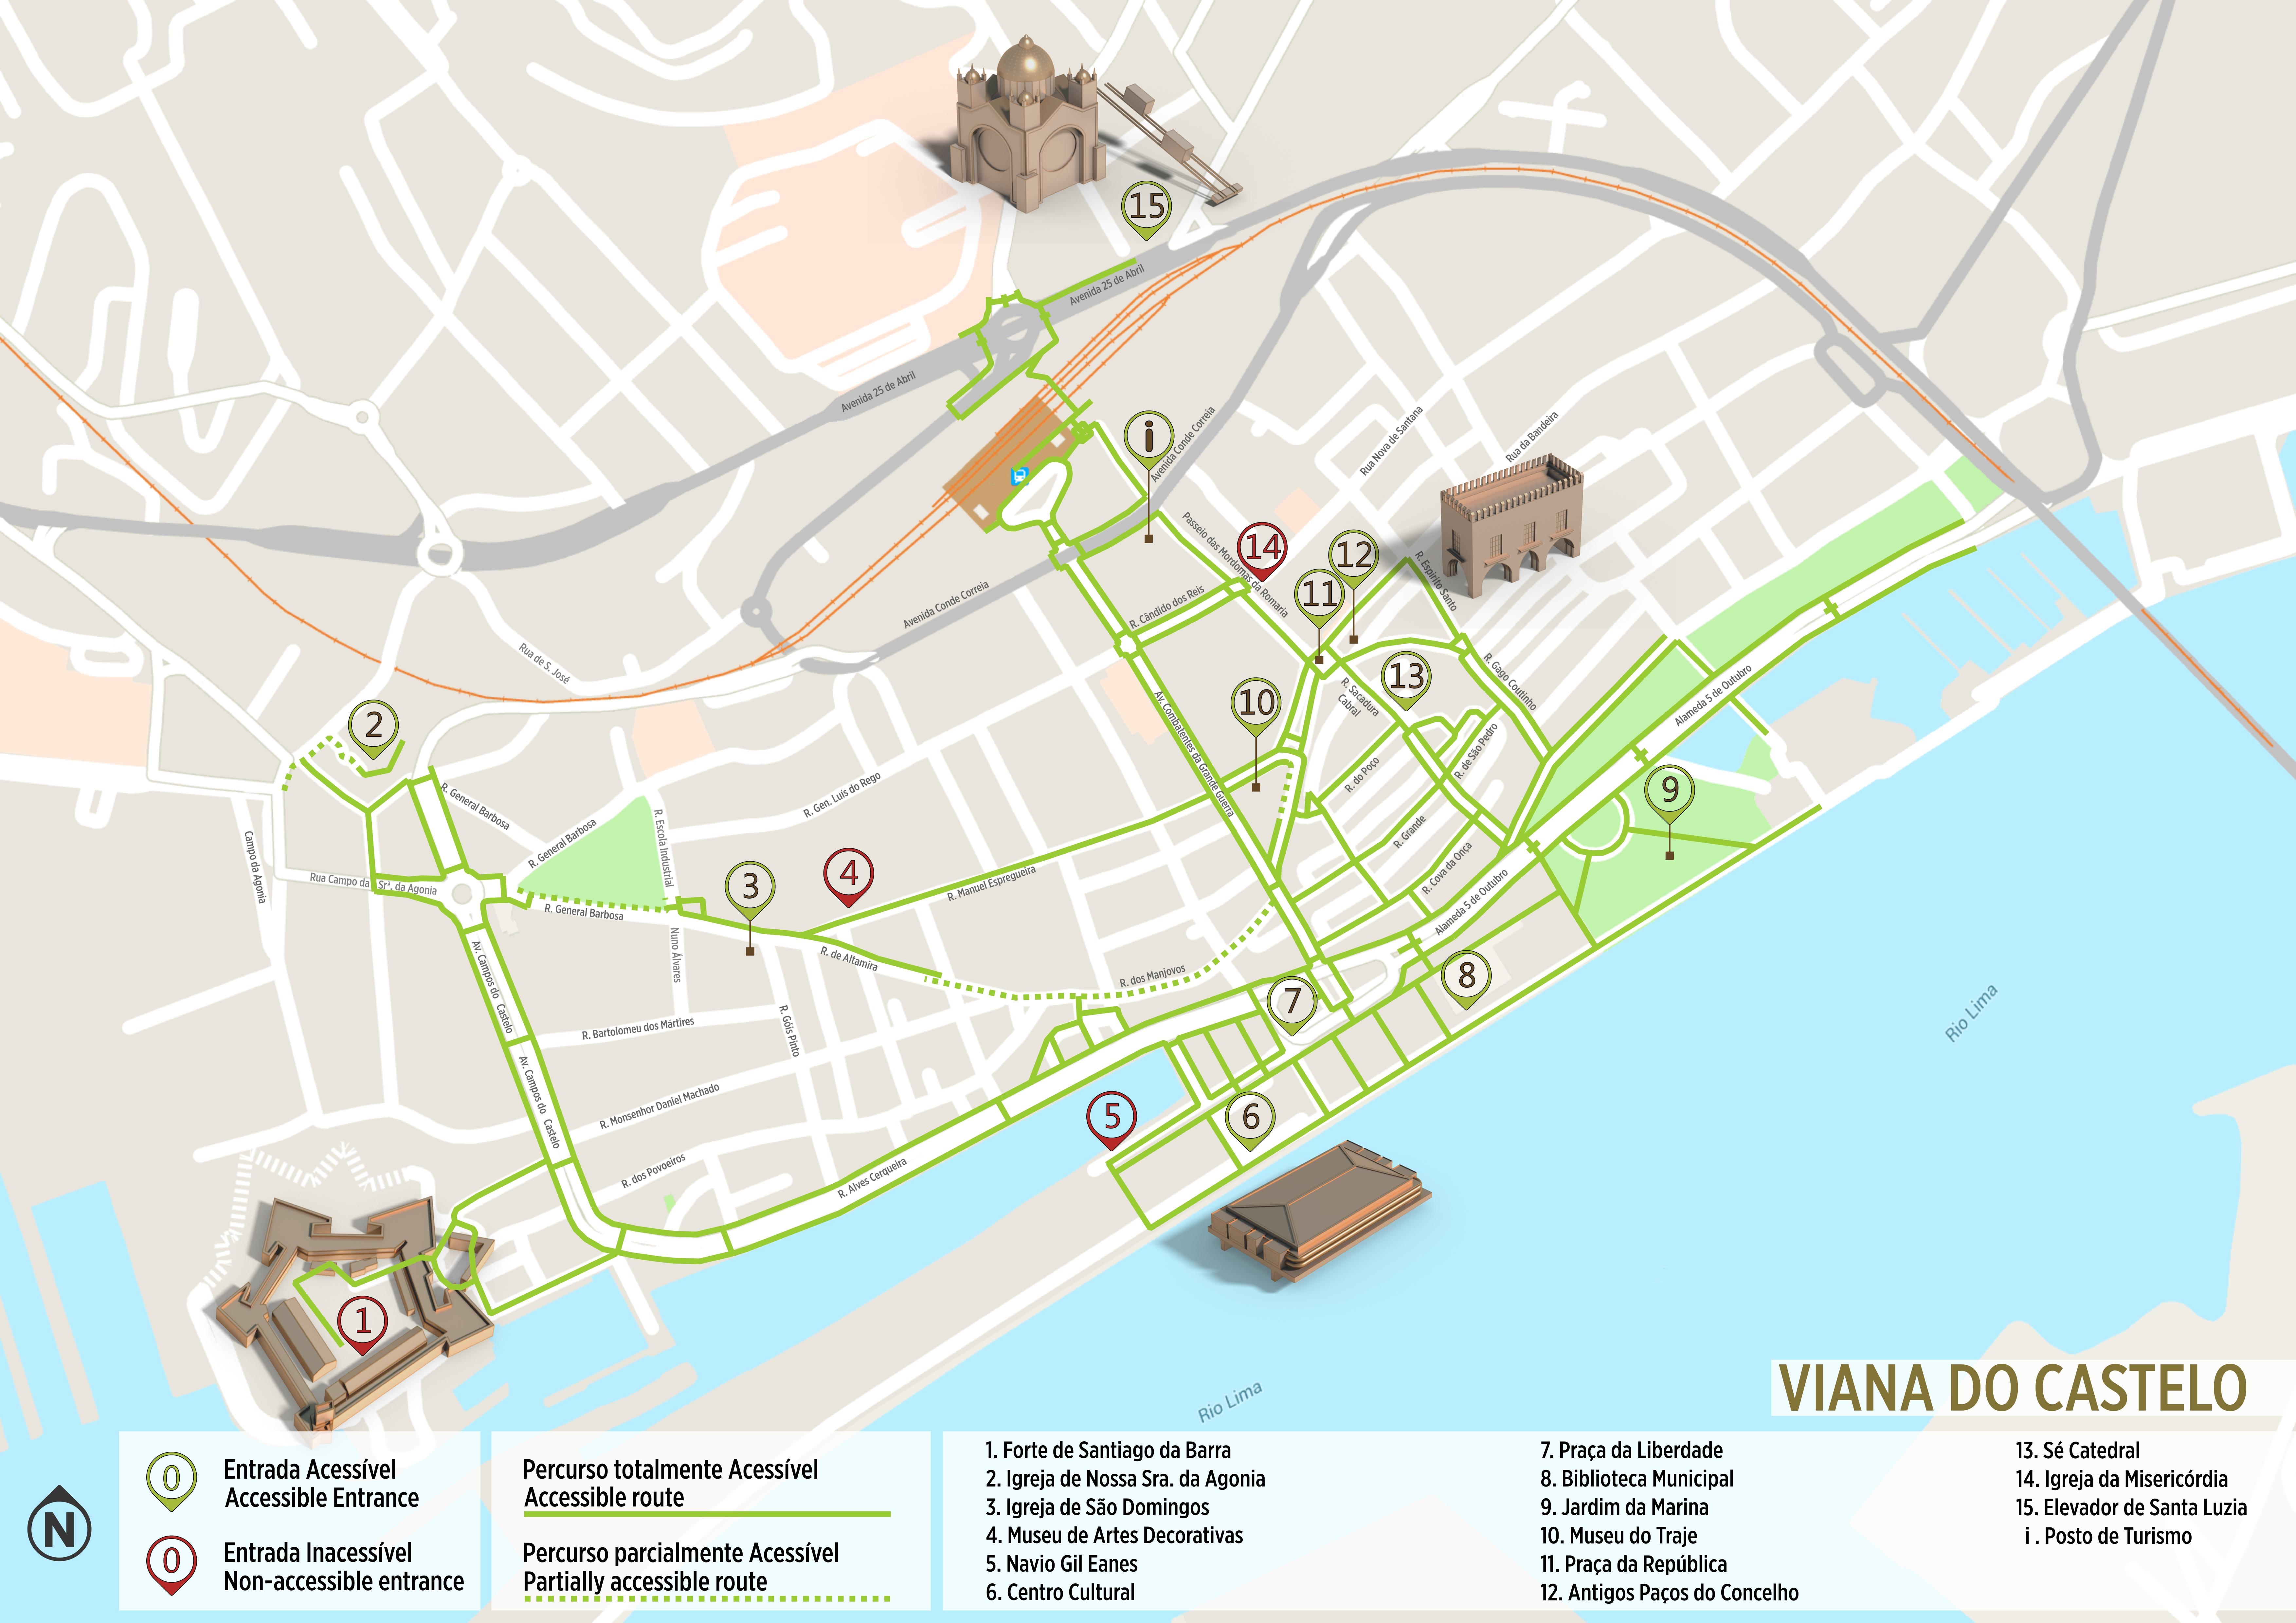 av da igreja lisboa mapa Viana do Castelo – Accessible Itinerary | .visitportugal.com av da igreja lisboa mapa